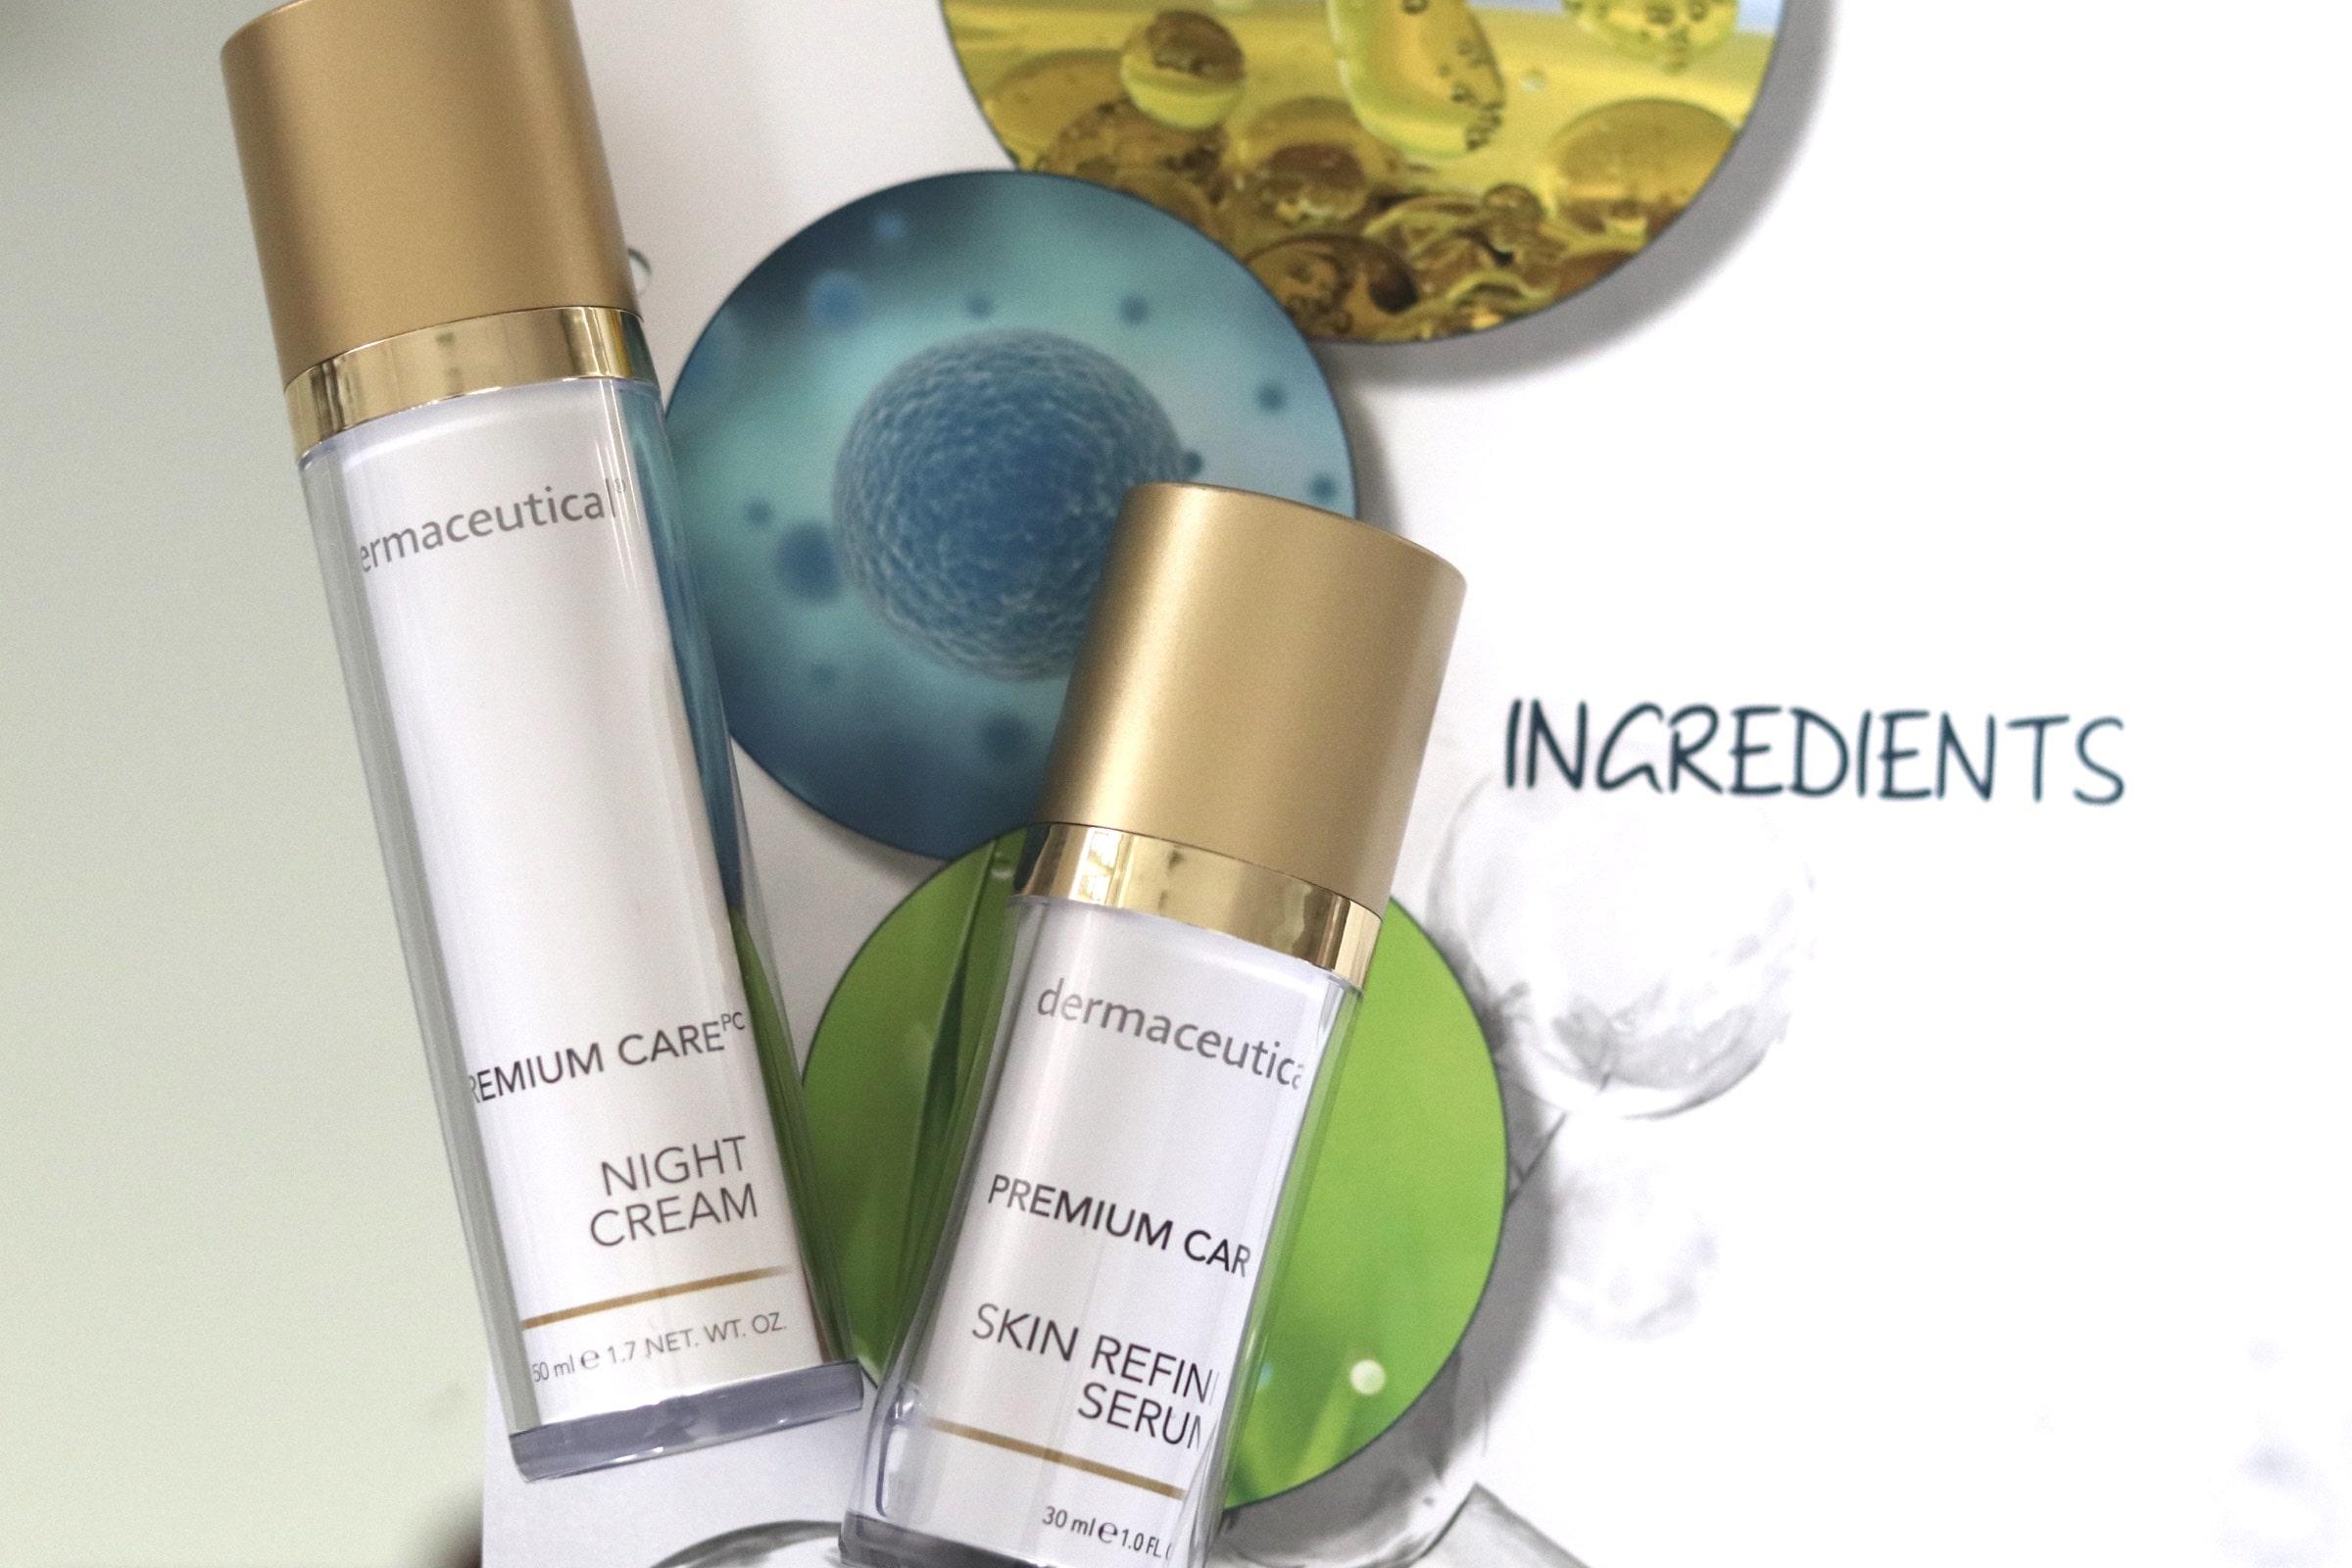 Hochwertige Wirkstoffe für gesunde Haut von dermaceutical